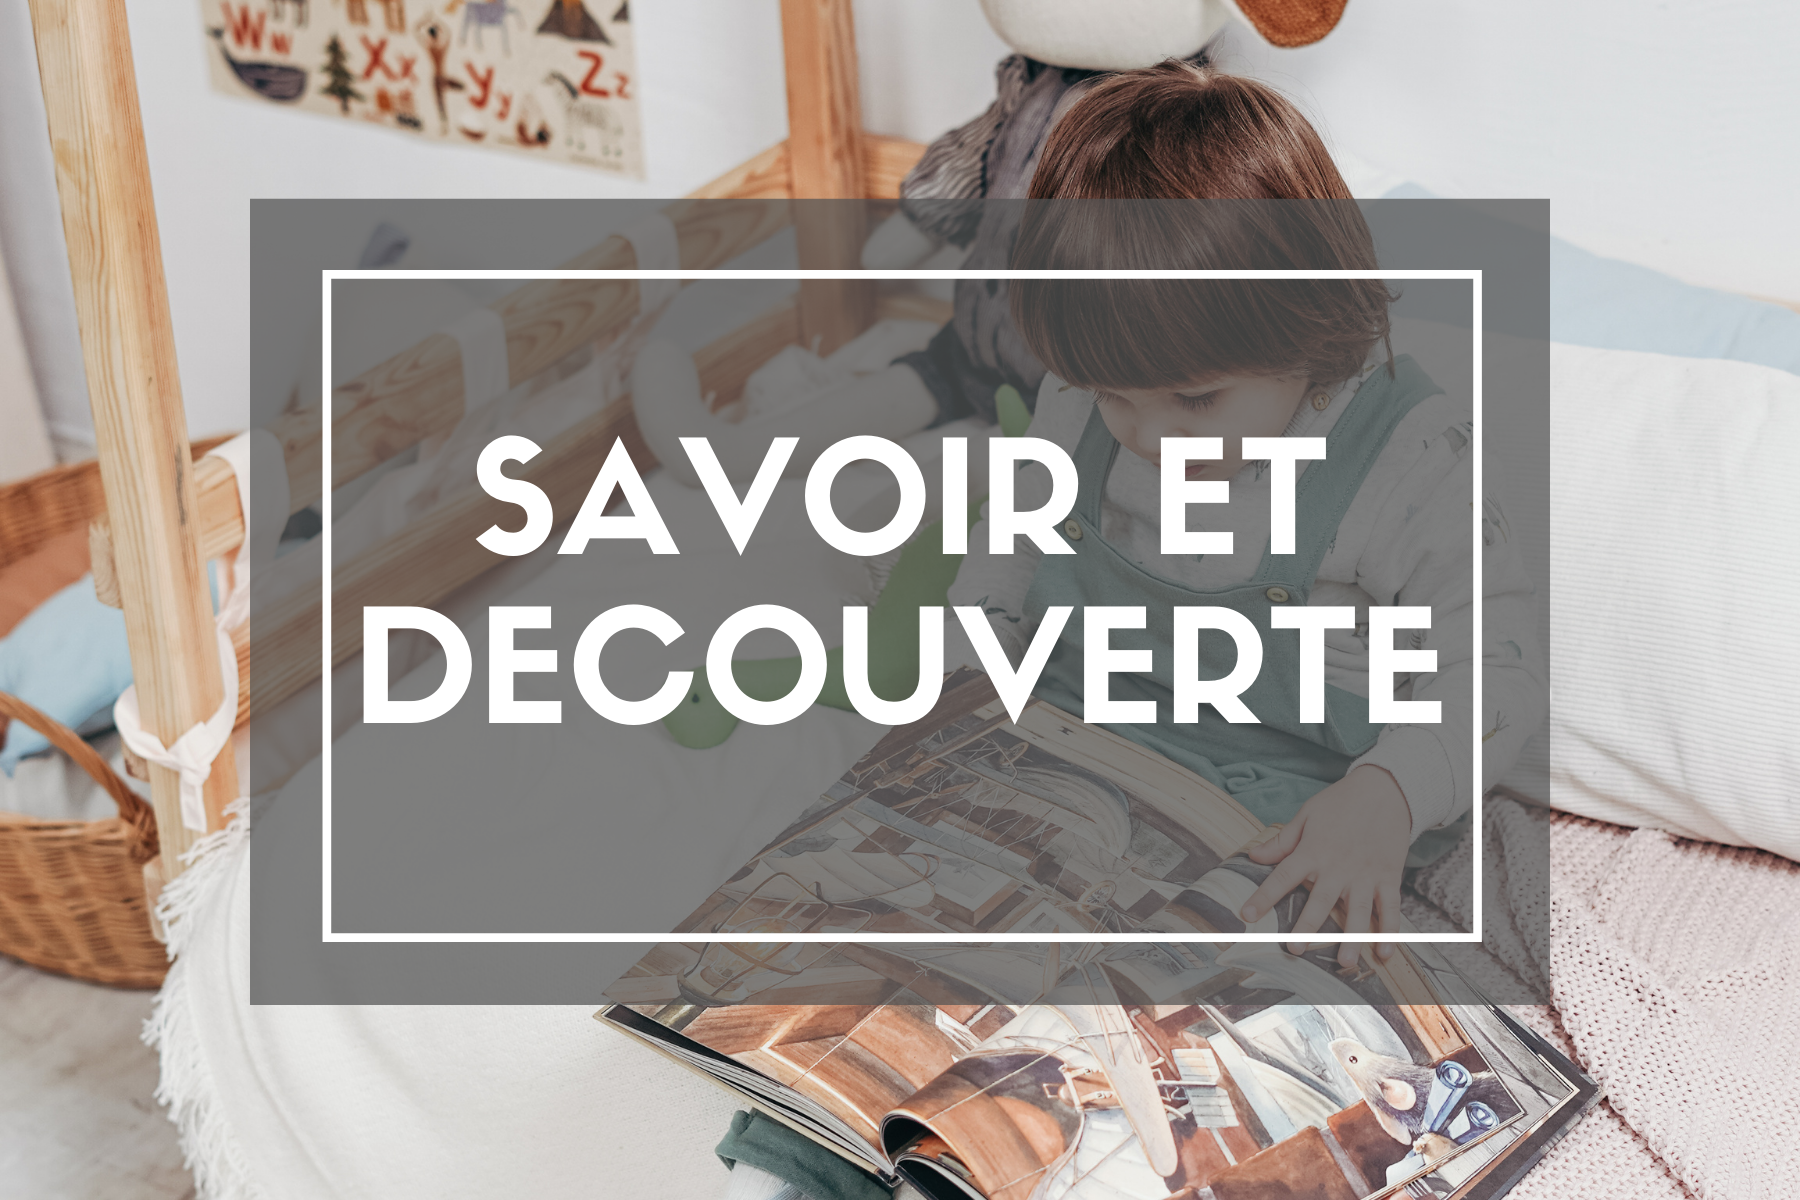 https://www.jeumeconstruis.fr/148-savoir-et-decouverte